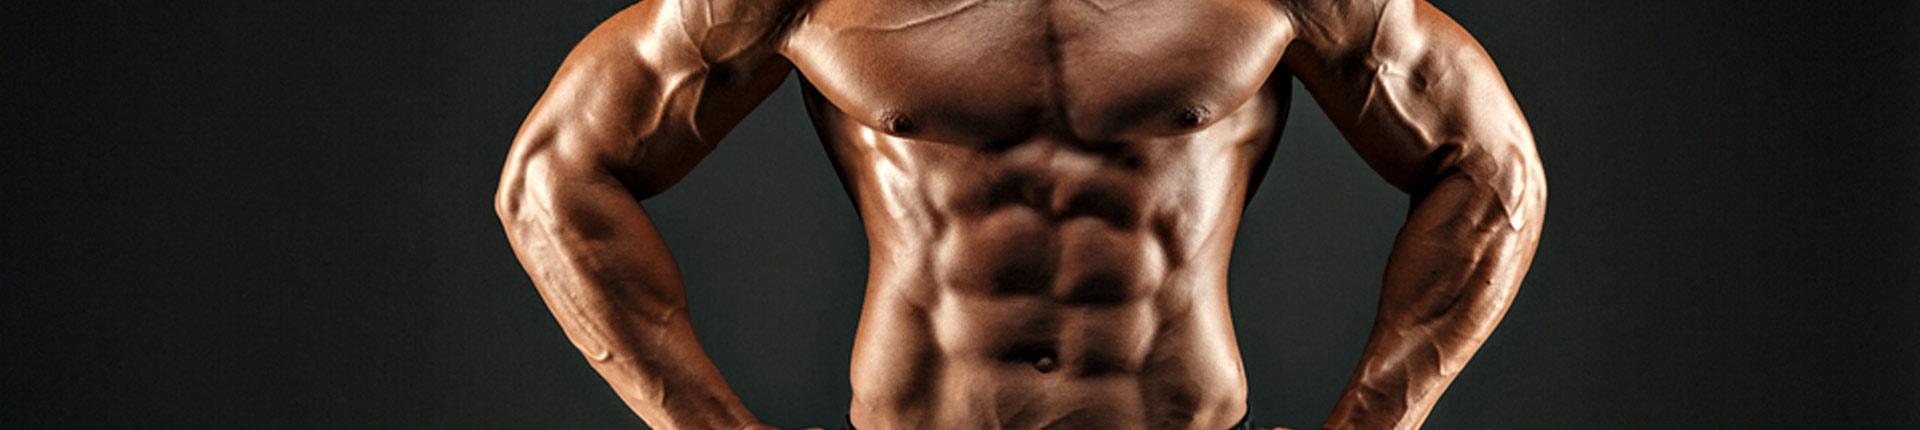 Trening mięśni głębokich - najważniejsze ćwiczenia core, których nie robisz